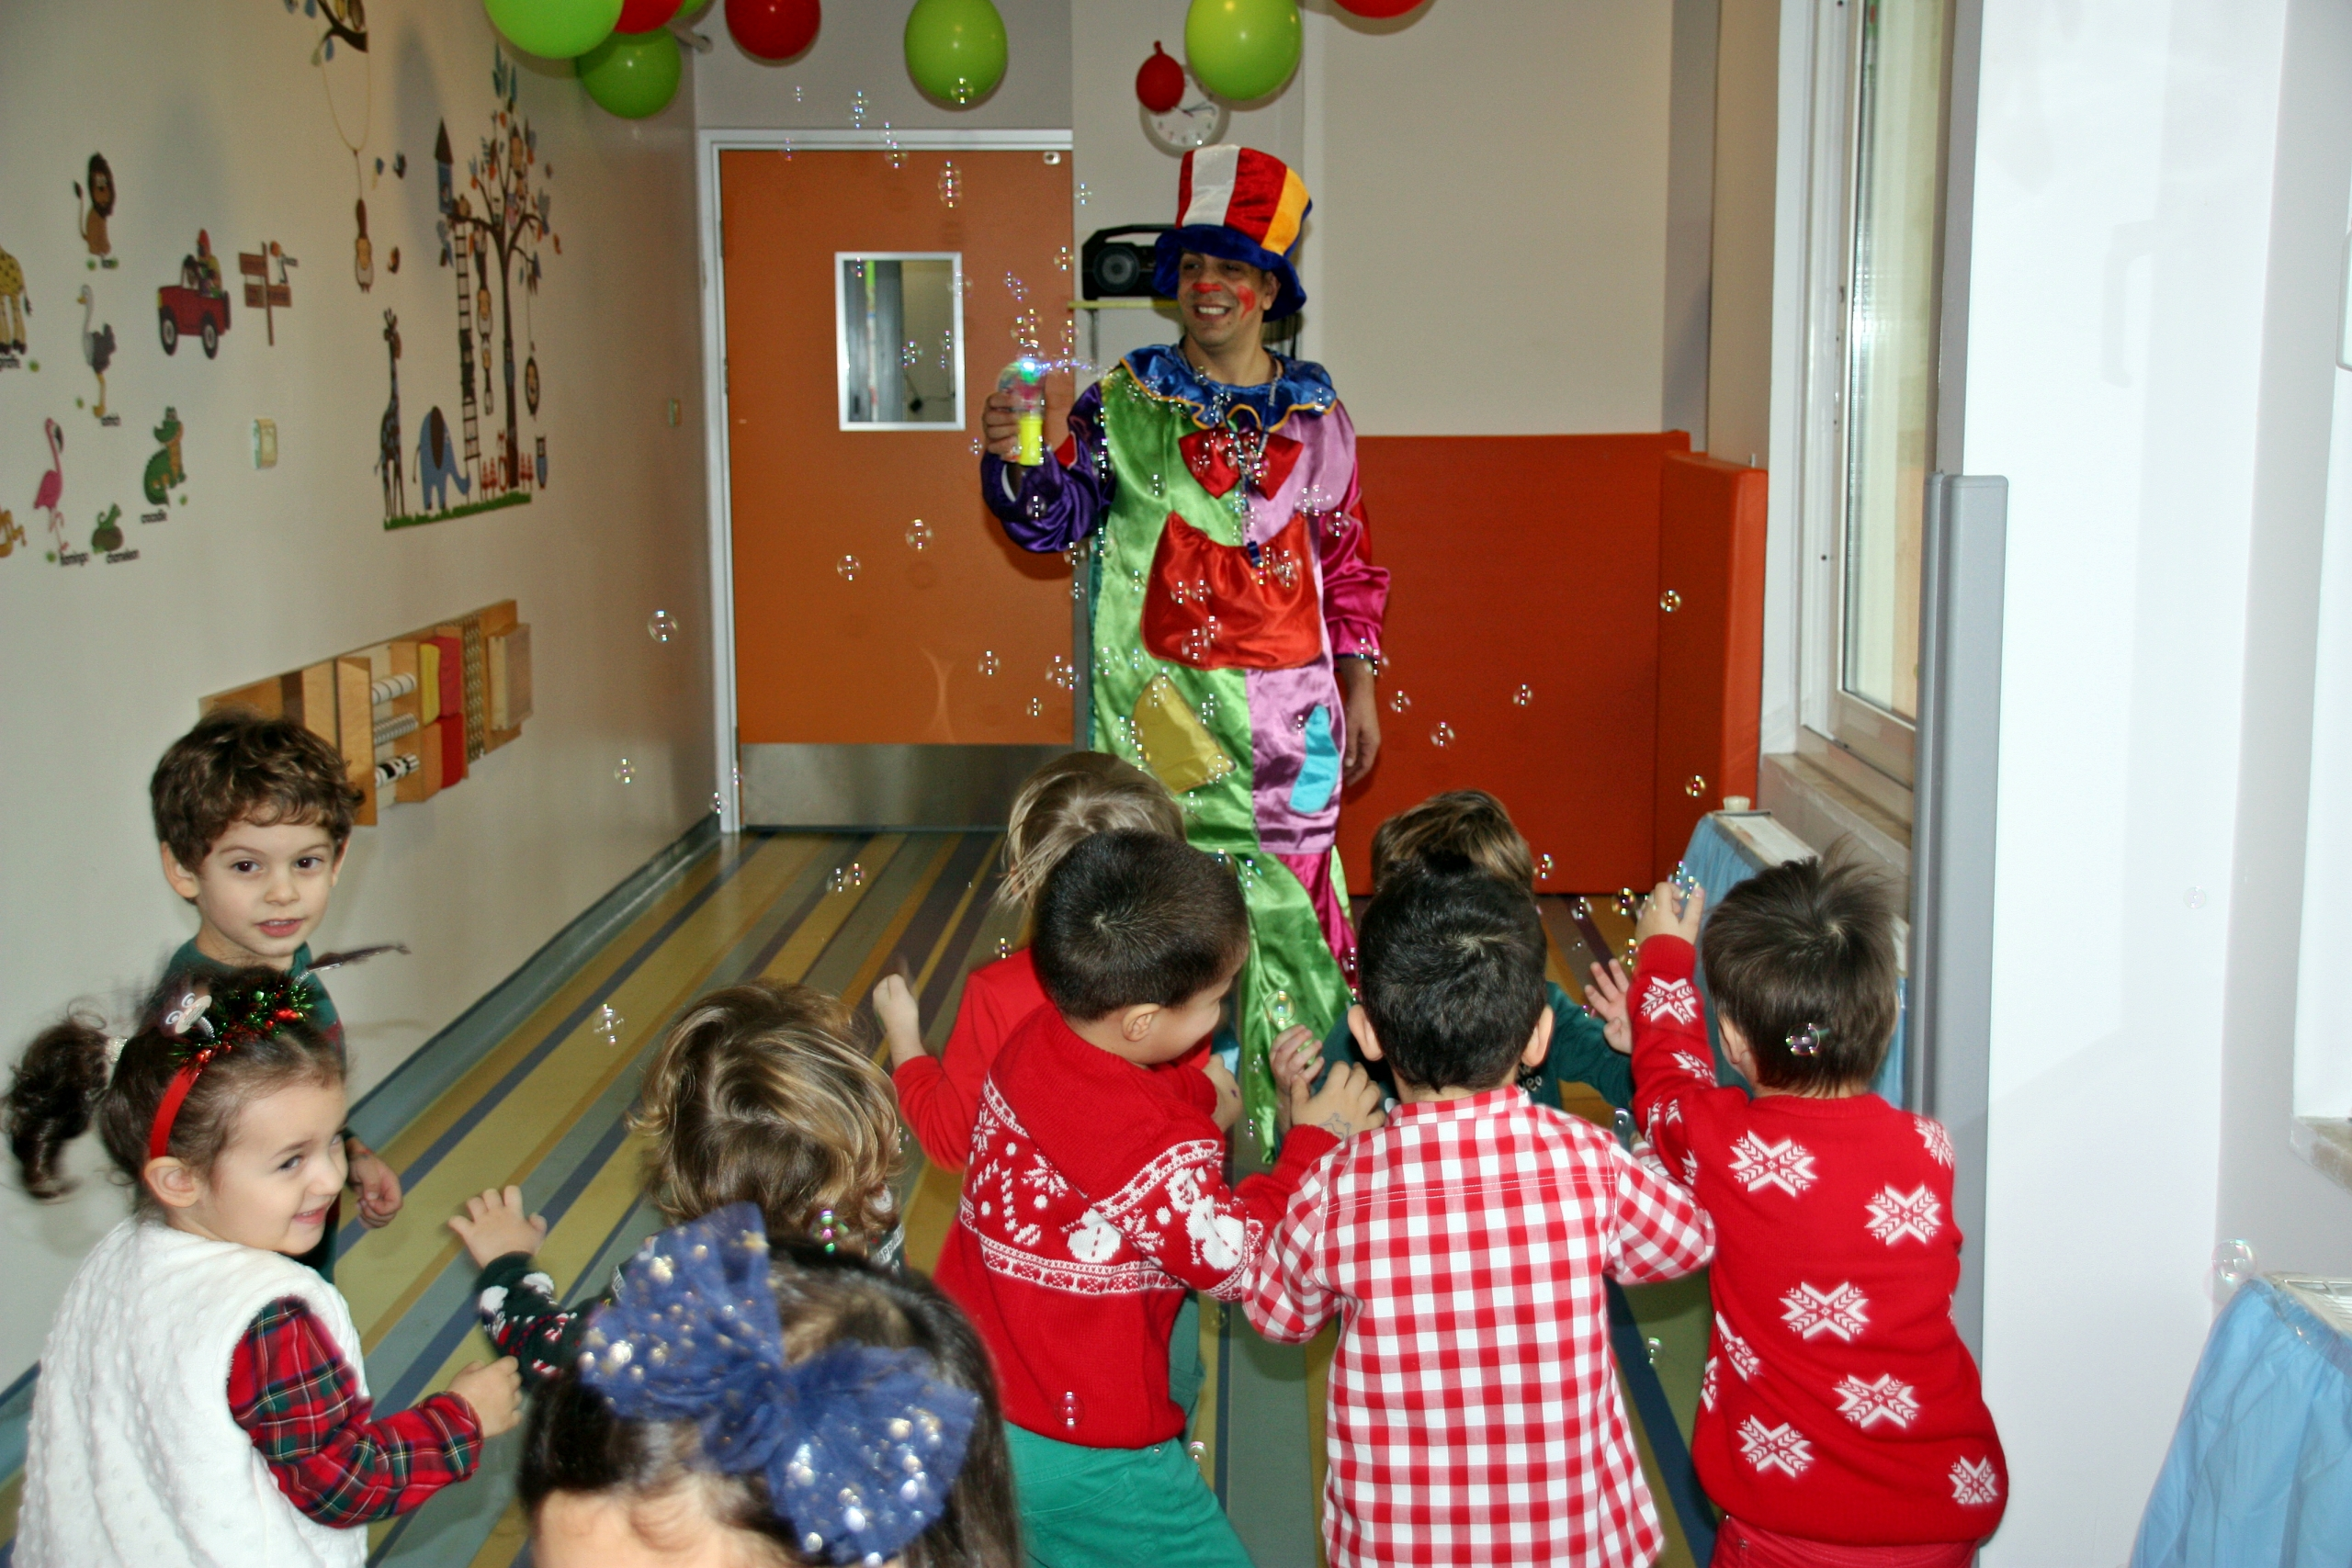 zel Kaplumbağa Anaokulu Yılbaşı Kutlaması 24